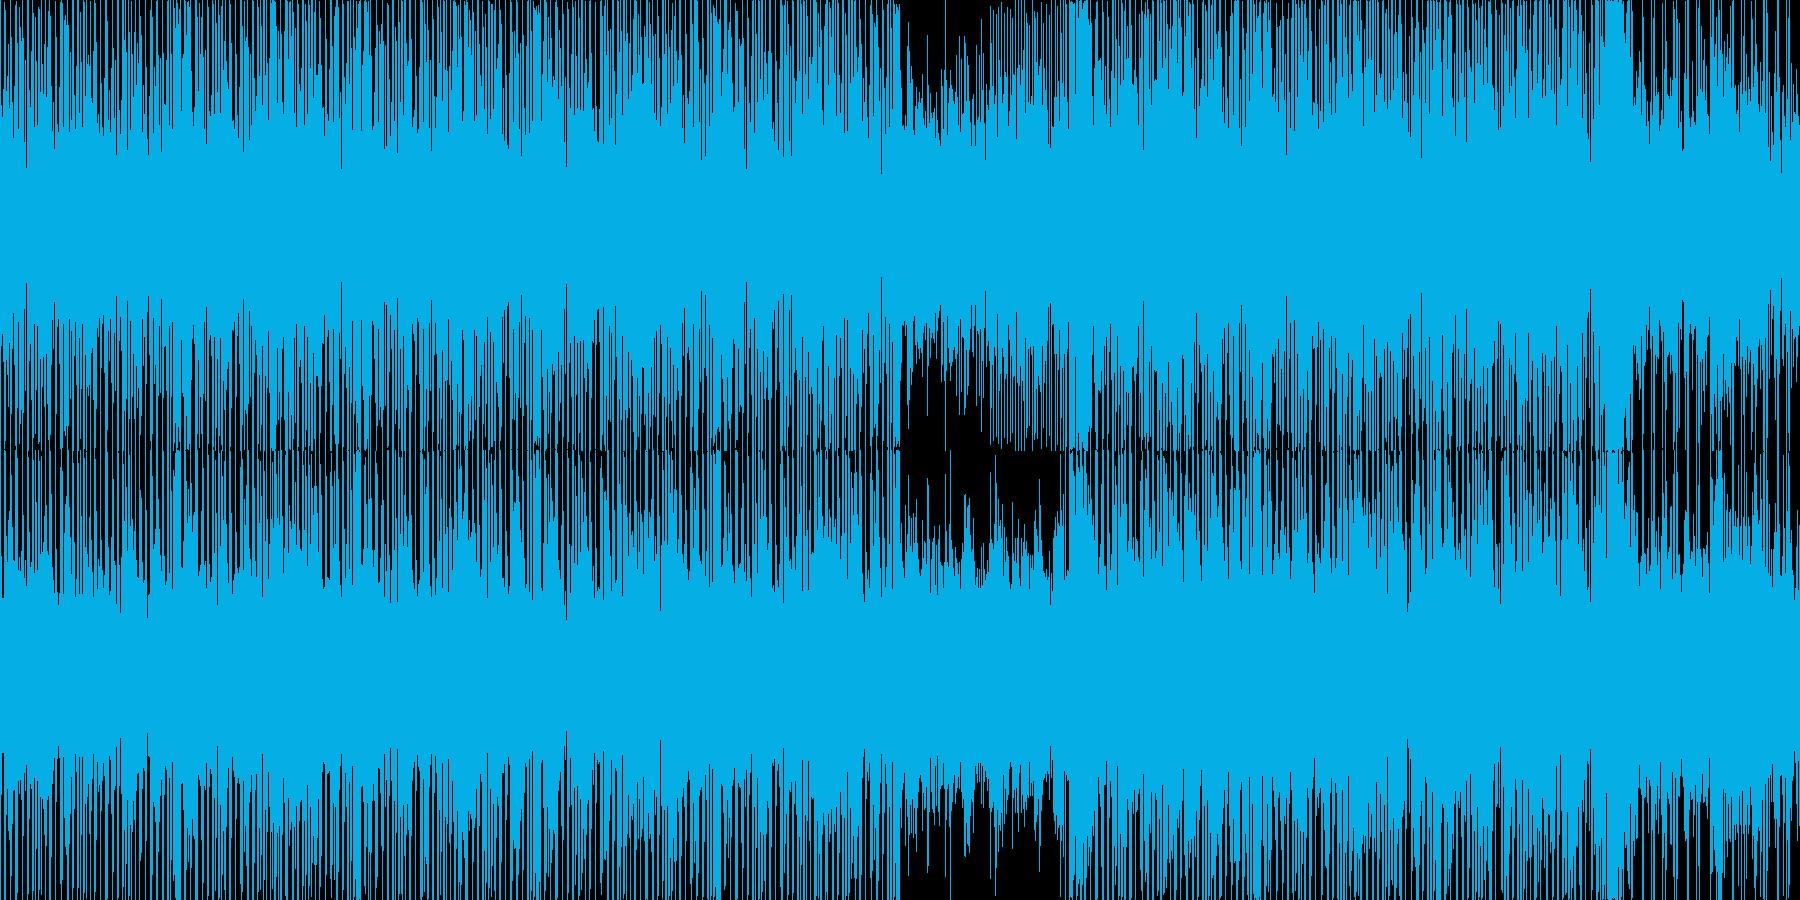 綺麗で神秘的なゆったりBGM_LOOPの再生済みの波形